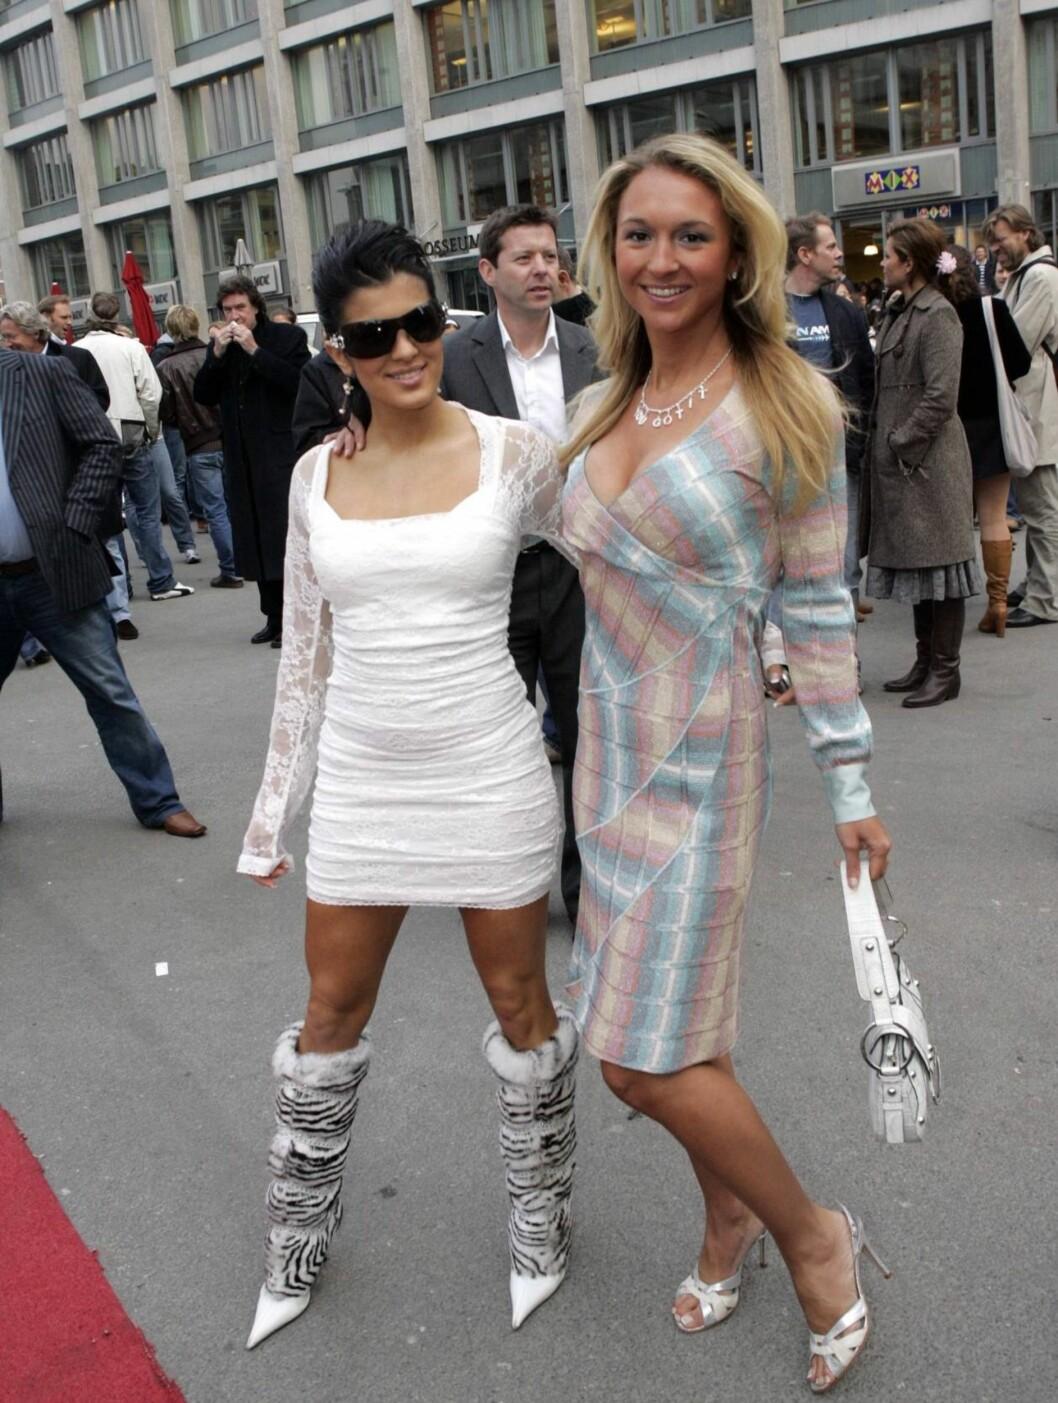 PÅ KINO MED AYLAR: Pussig par, tenkte vel de fleste da Pia dukket opp på premieren av Mission Impossible II med Aylar Lie (t.h.) våren 2005. Men det så ut som de hadde det hyggelig...    Foto: SCANPIX